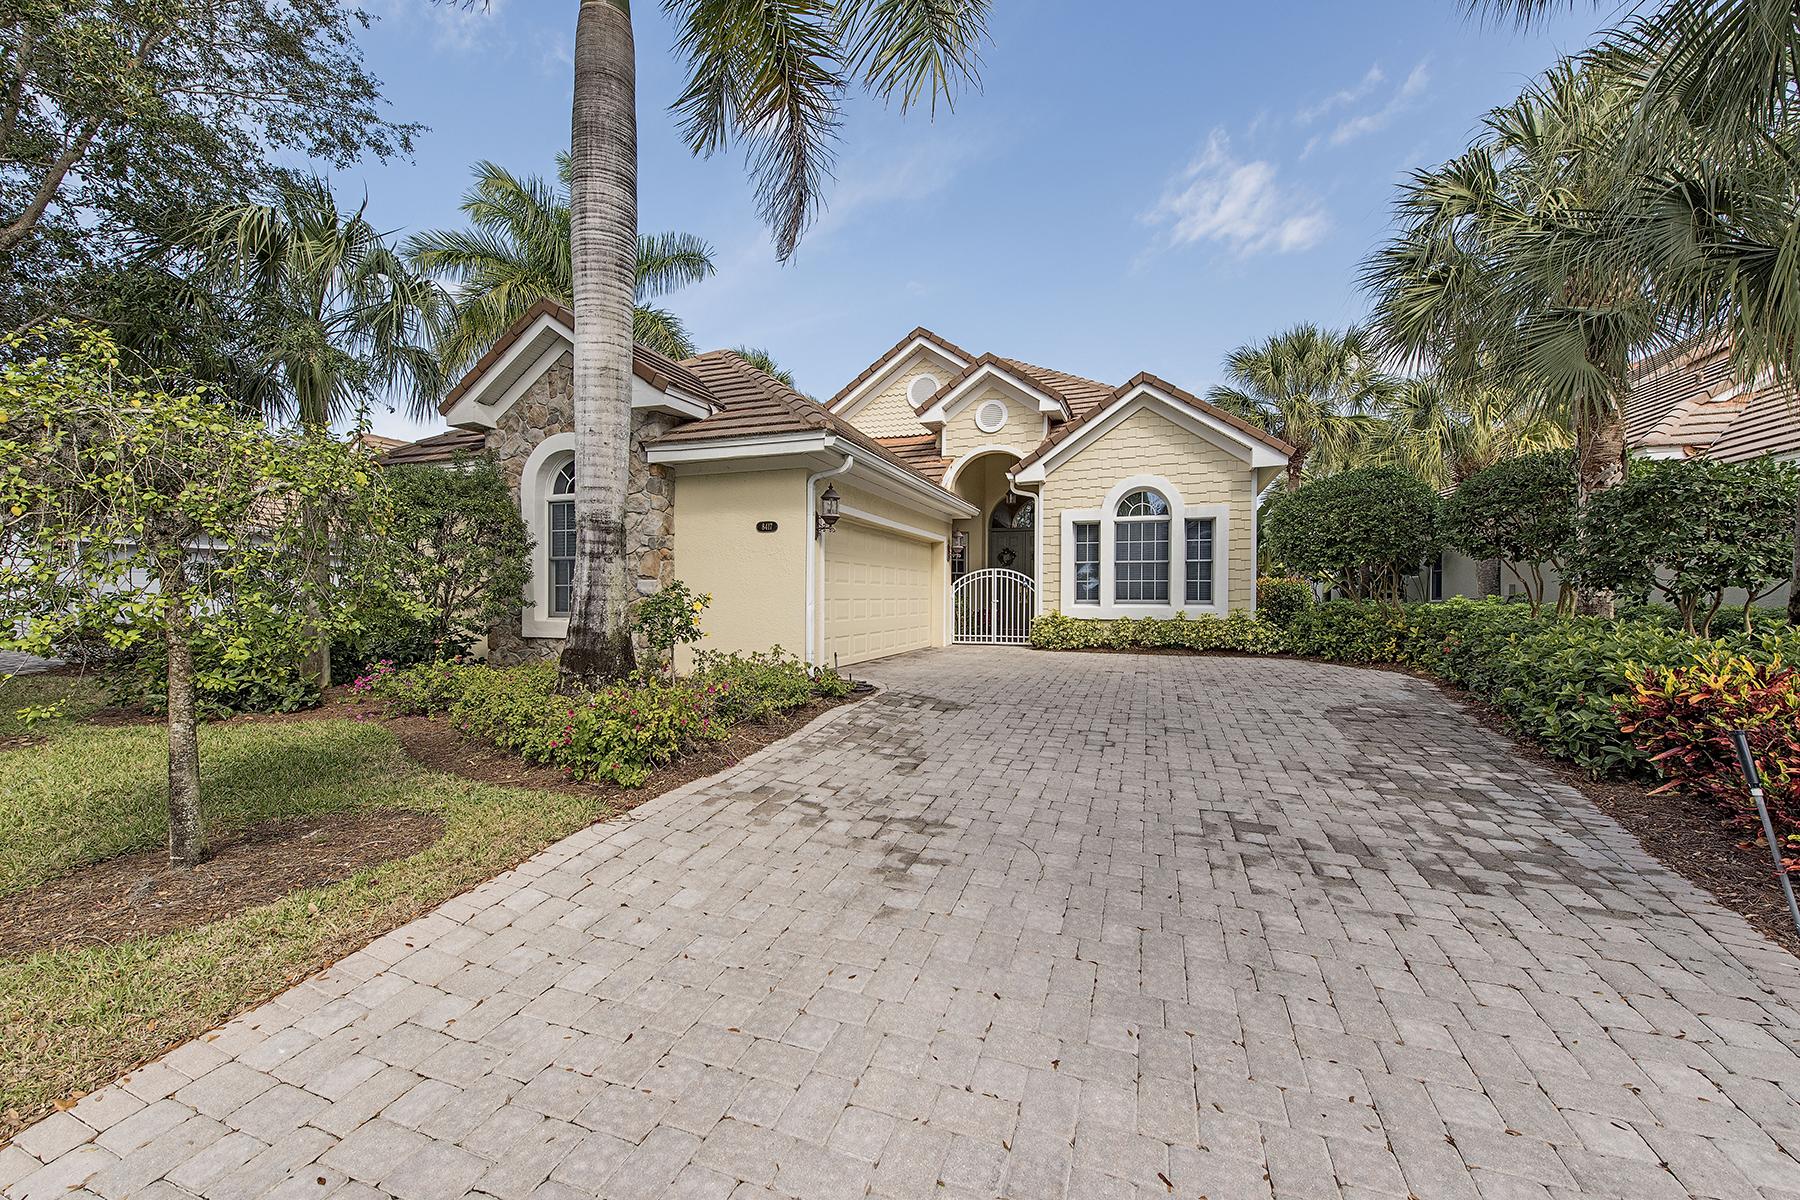 独户住宅 为 销售 在 FIDDLER'S CREEK - MALLARDS LANDING 8417 Mallards Way Naples, 佛罗里达州 34114 美国